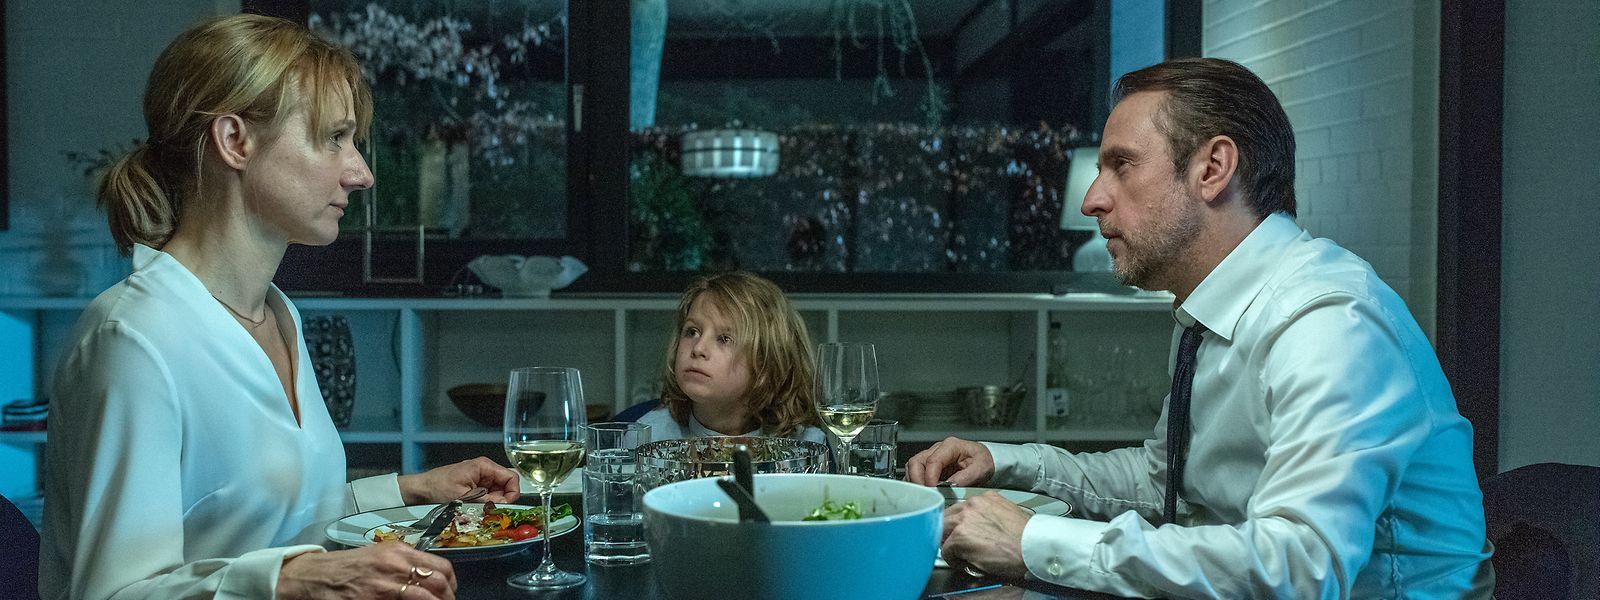 Das gemeinsame Abendessen ist bei Familie Sellin seltener geworden. Tanja (Christina Große, l.) und Markus Sellin (Bjarne Mädel, r.) mit ihrem Sohn Titus (Moritz Thiel, M.).